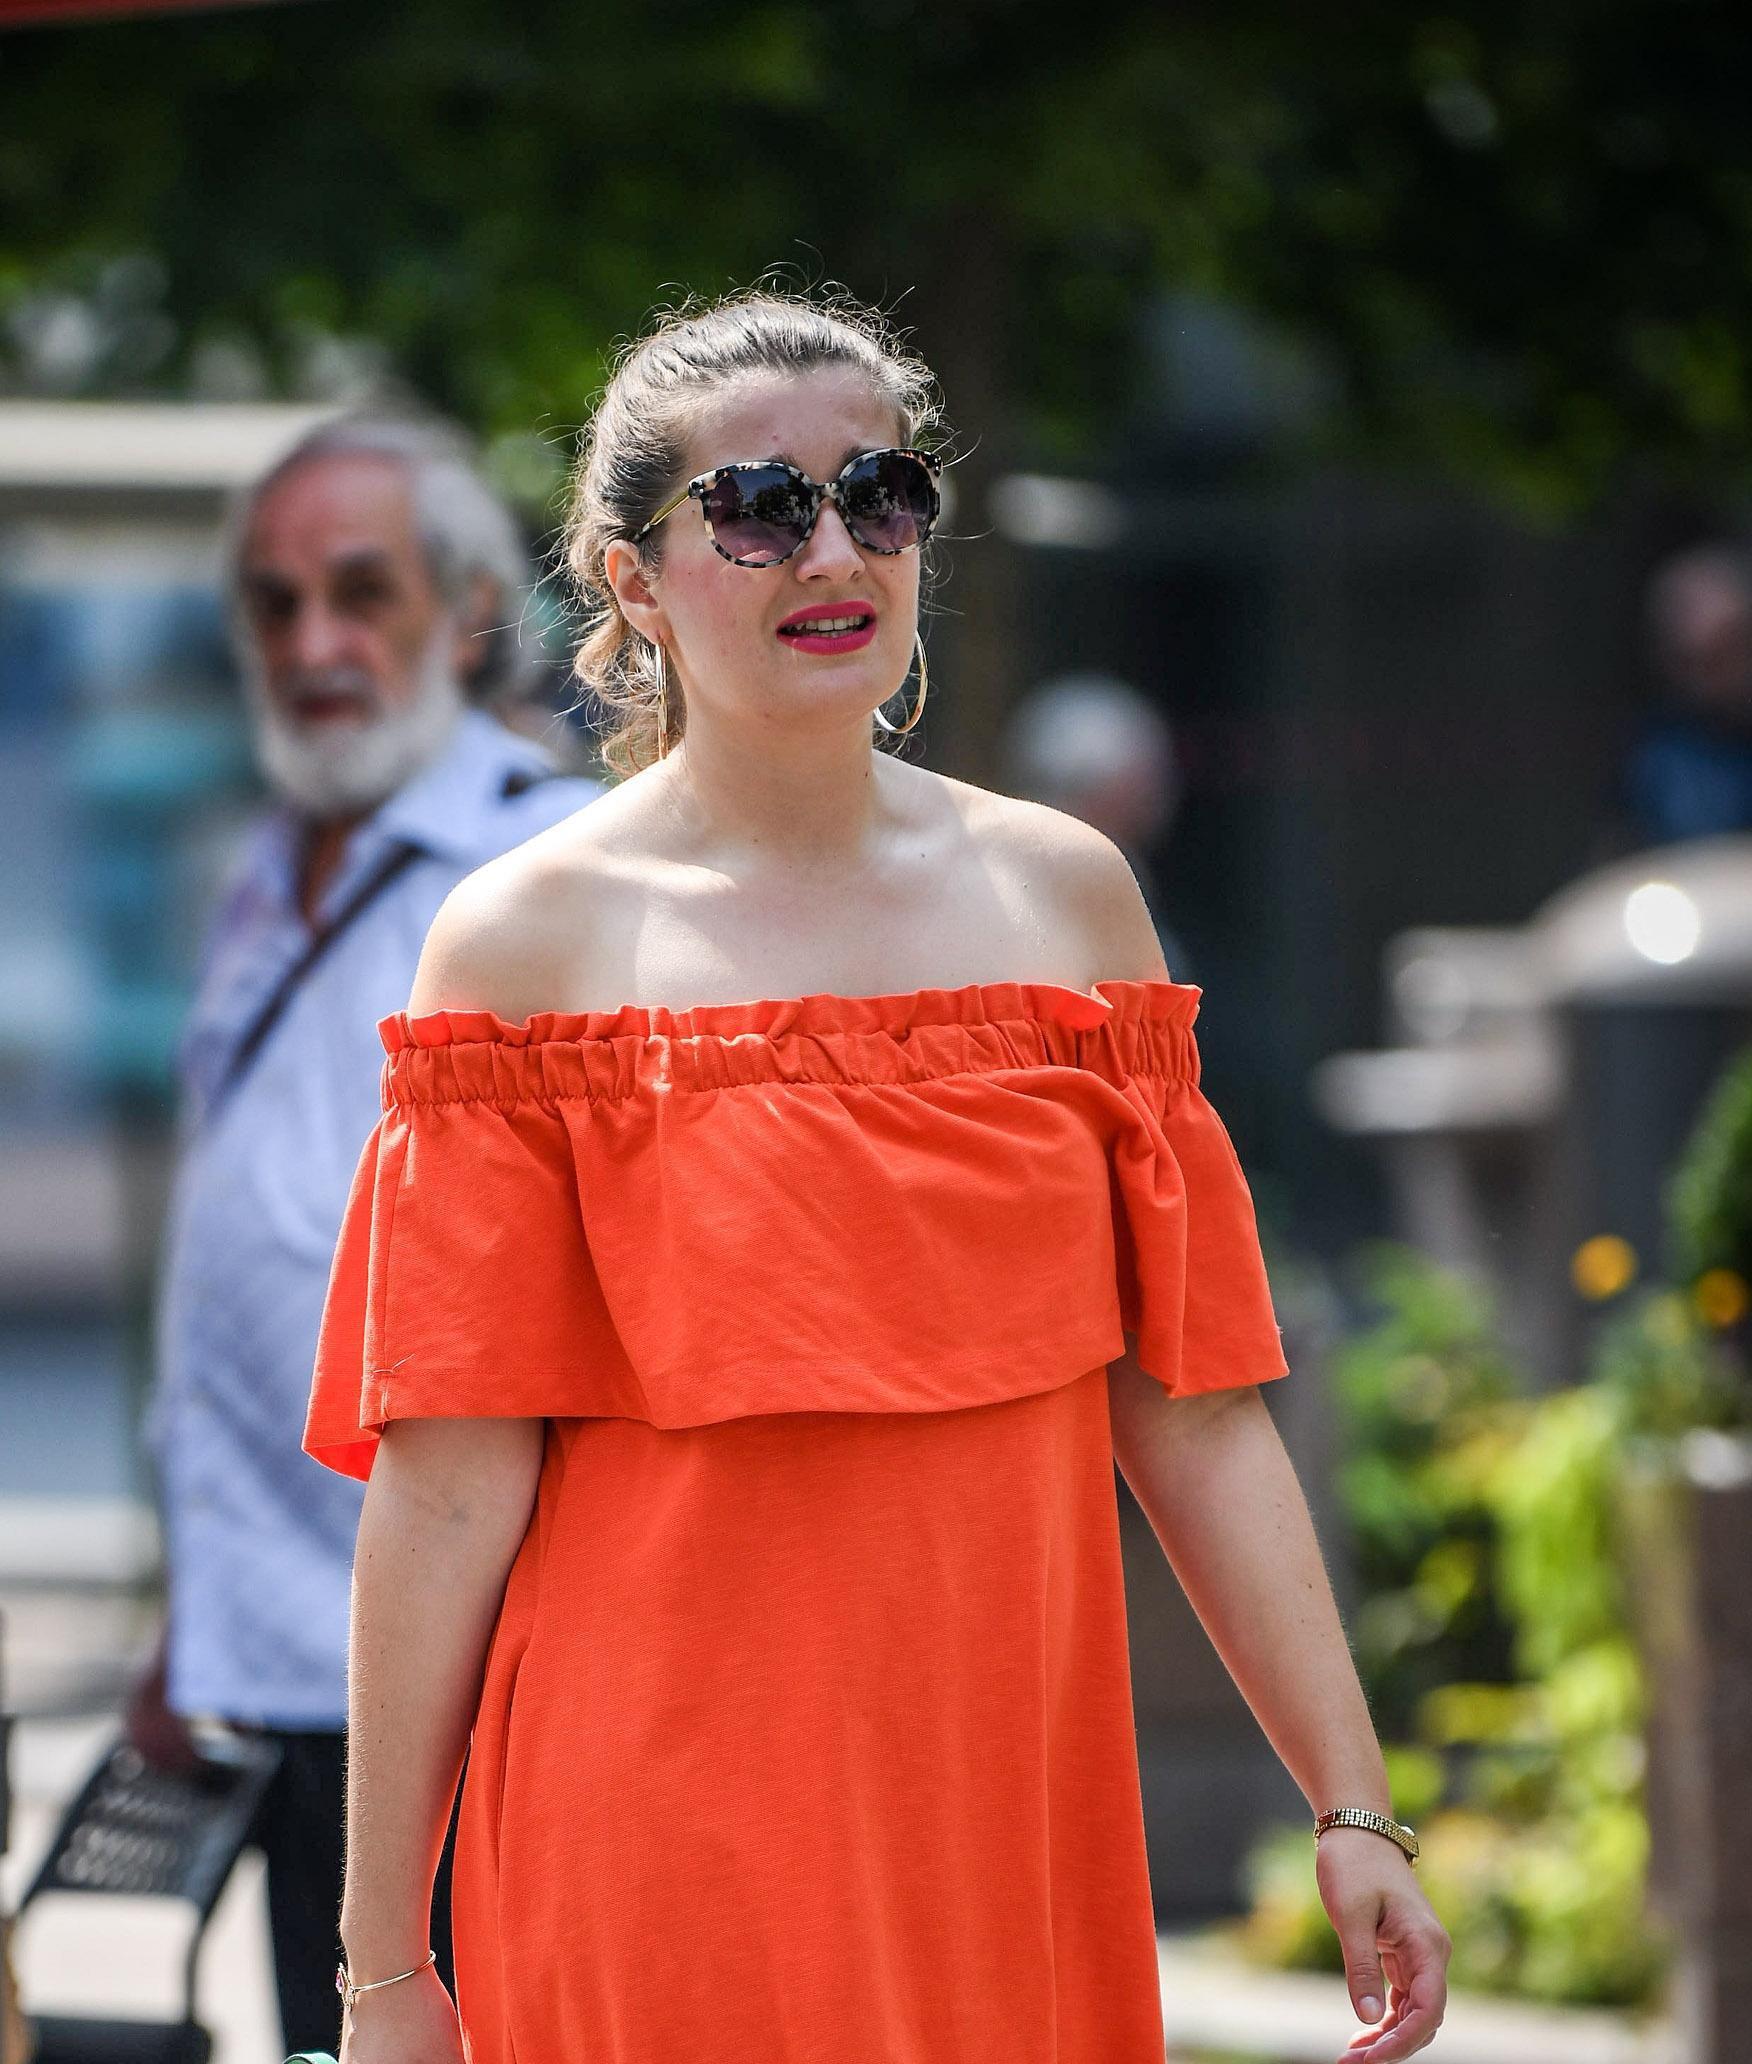 Njene trendi sandale, kratka haljina i cool torbica su za čistu peticu!